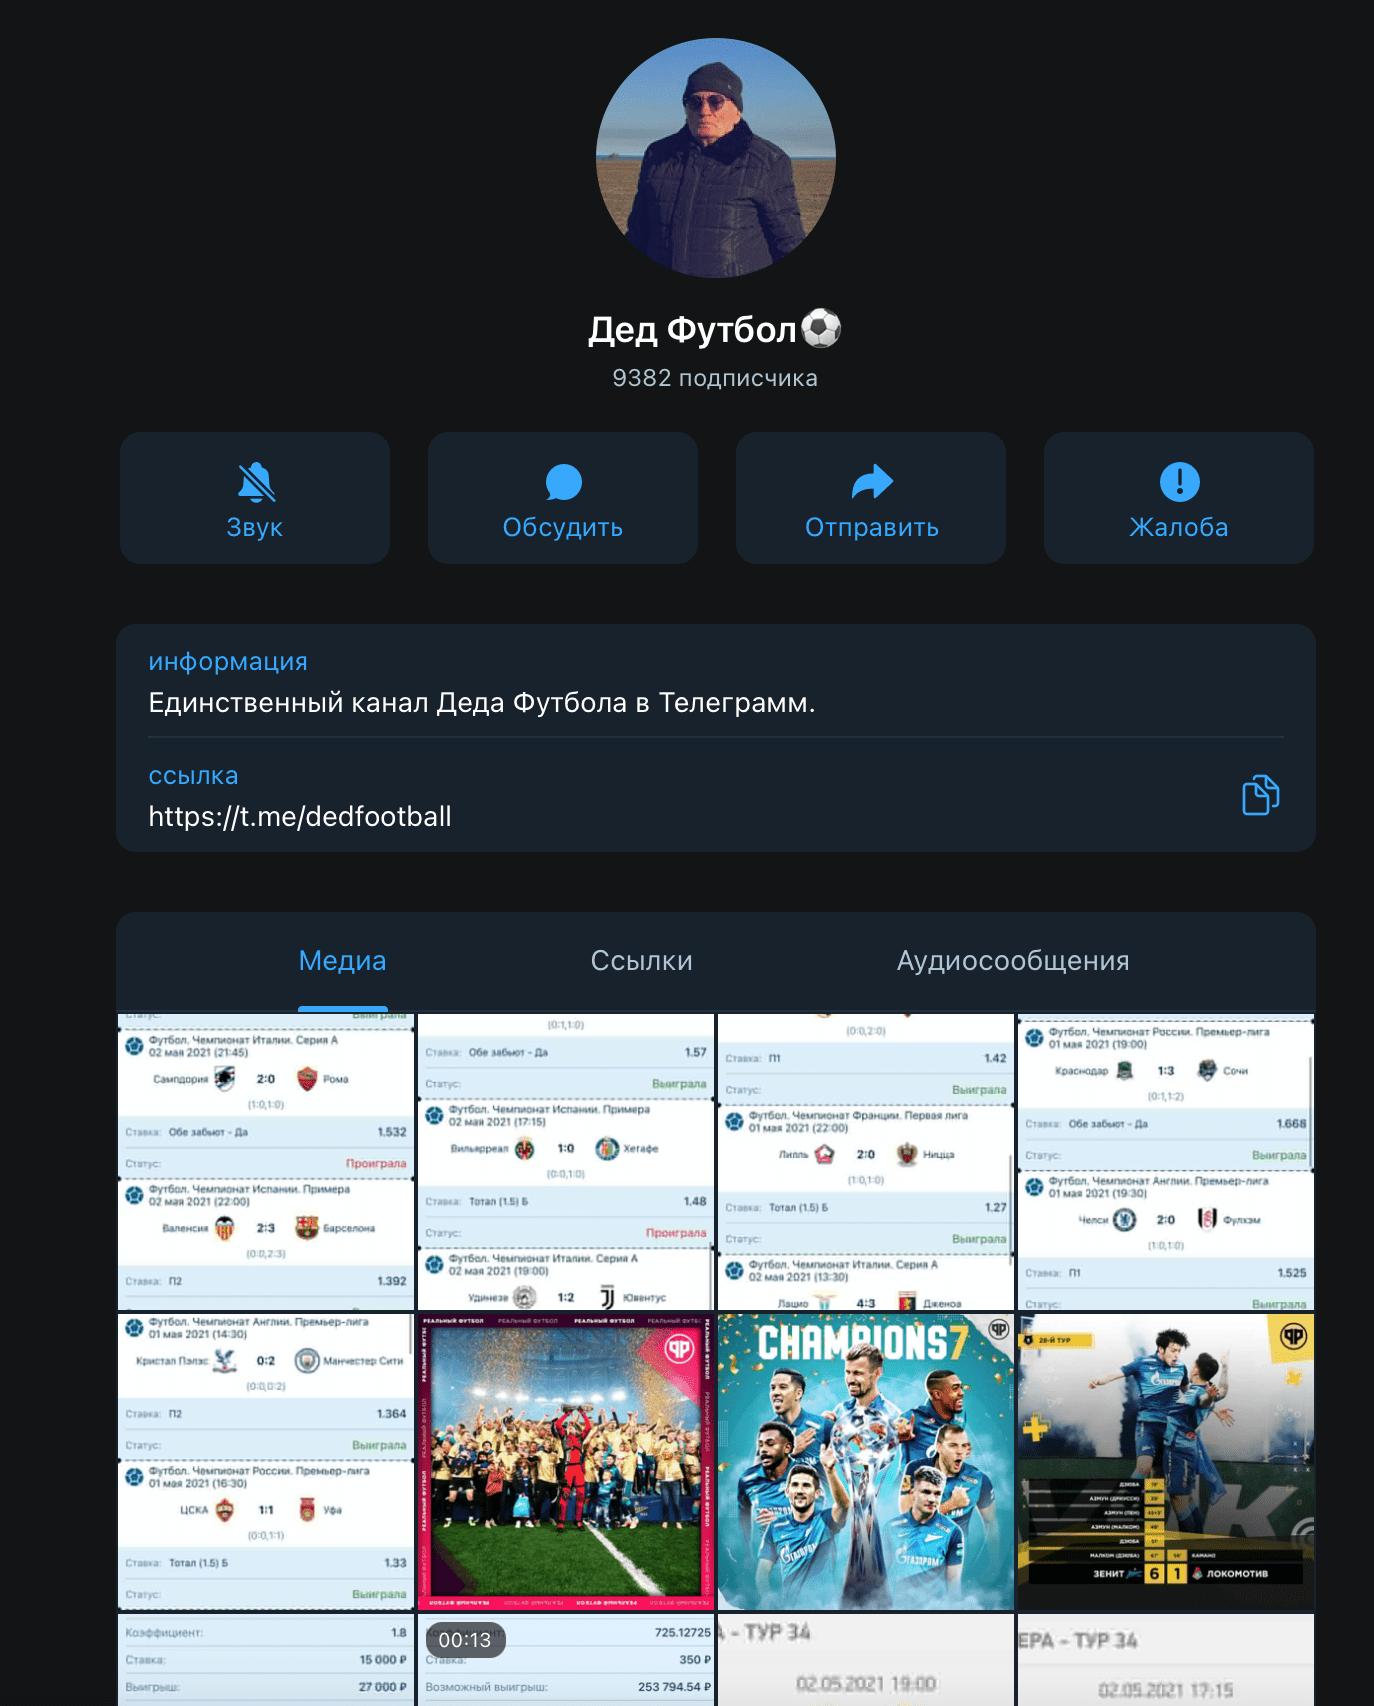 Телеграм канал Дед Футбол